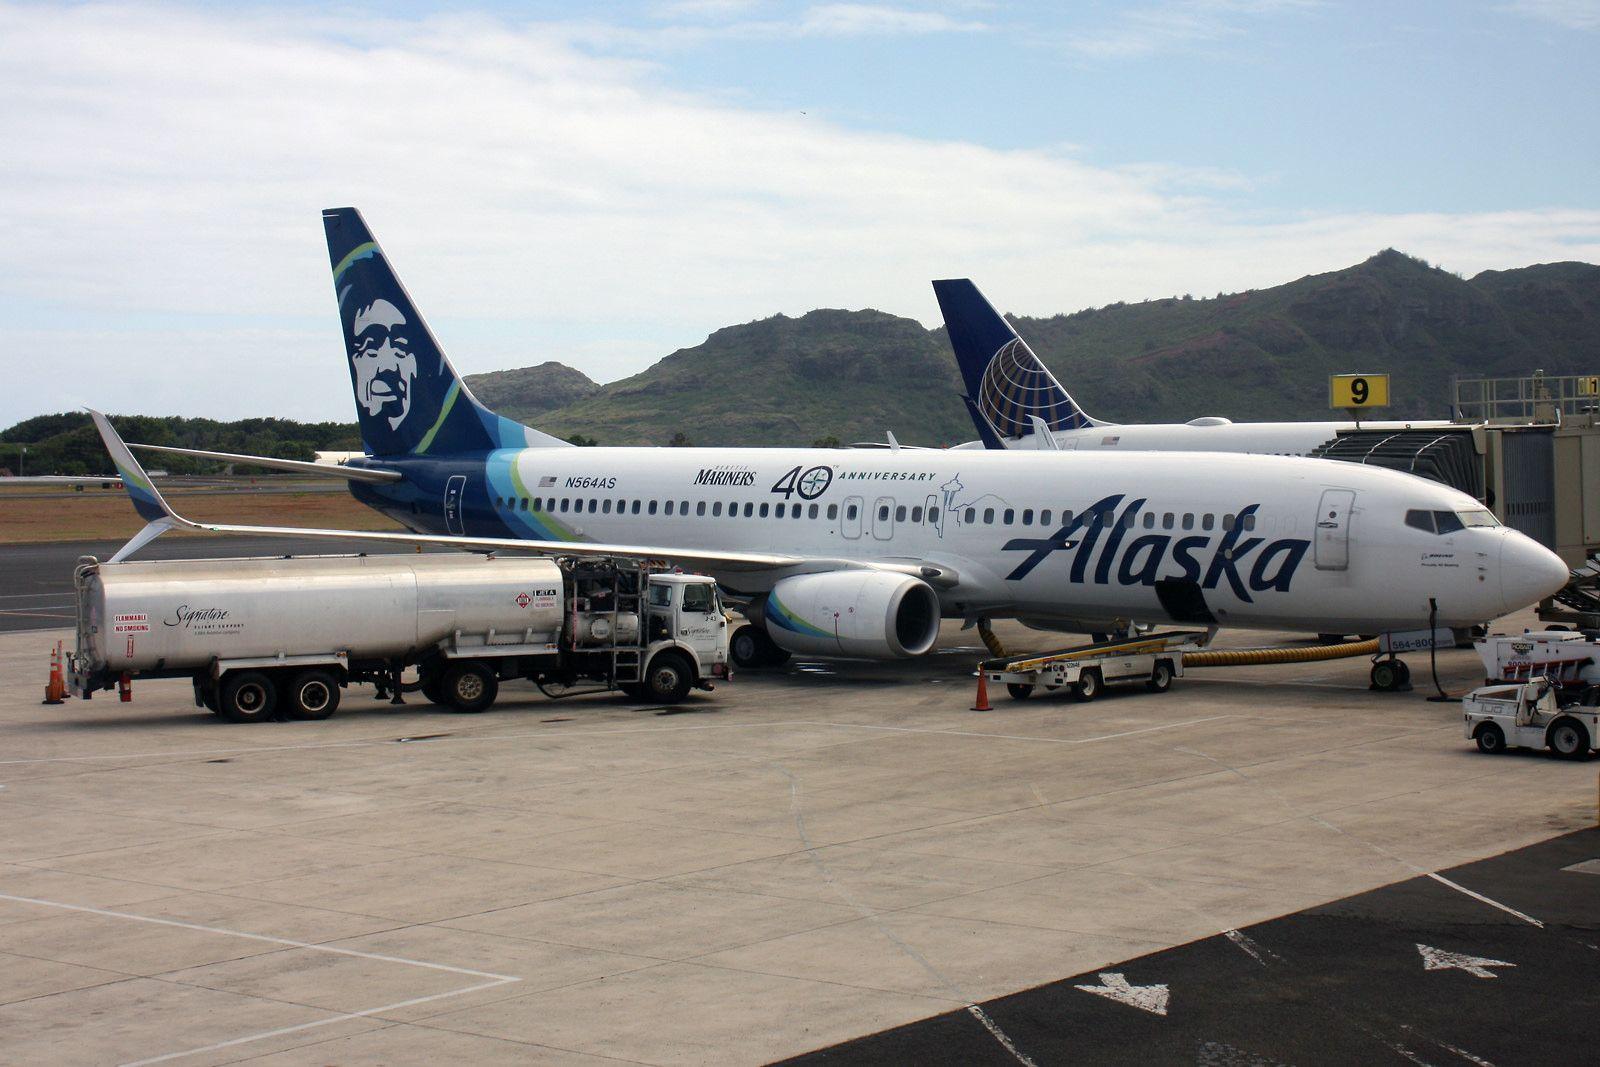 Alaska Airlines Boeing 737 890 N564as Seattle Mariners 40th